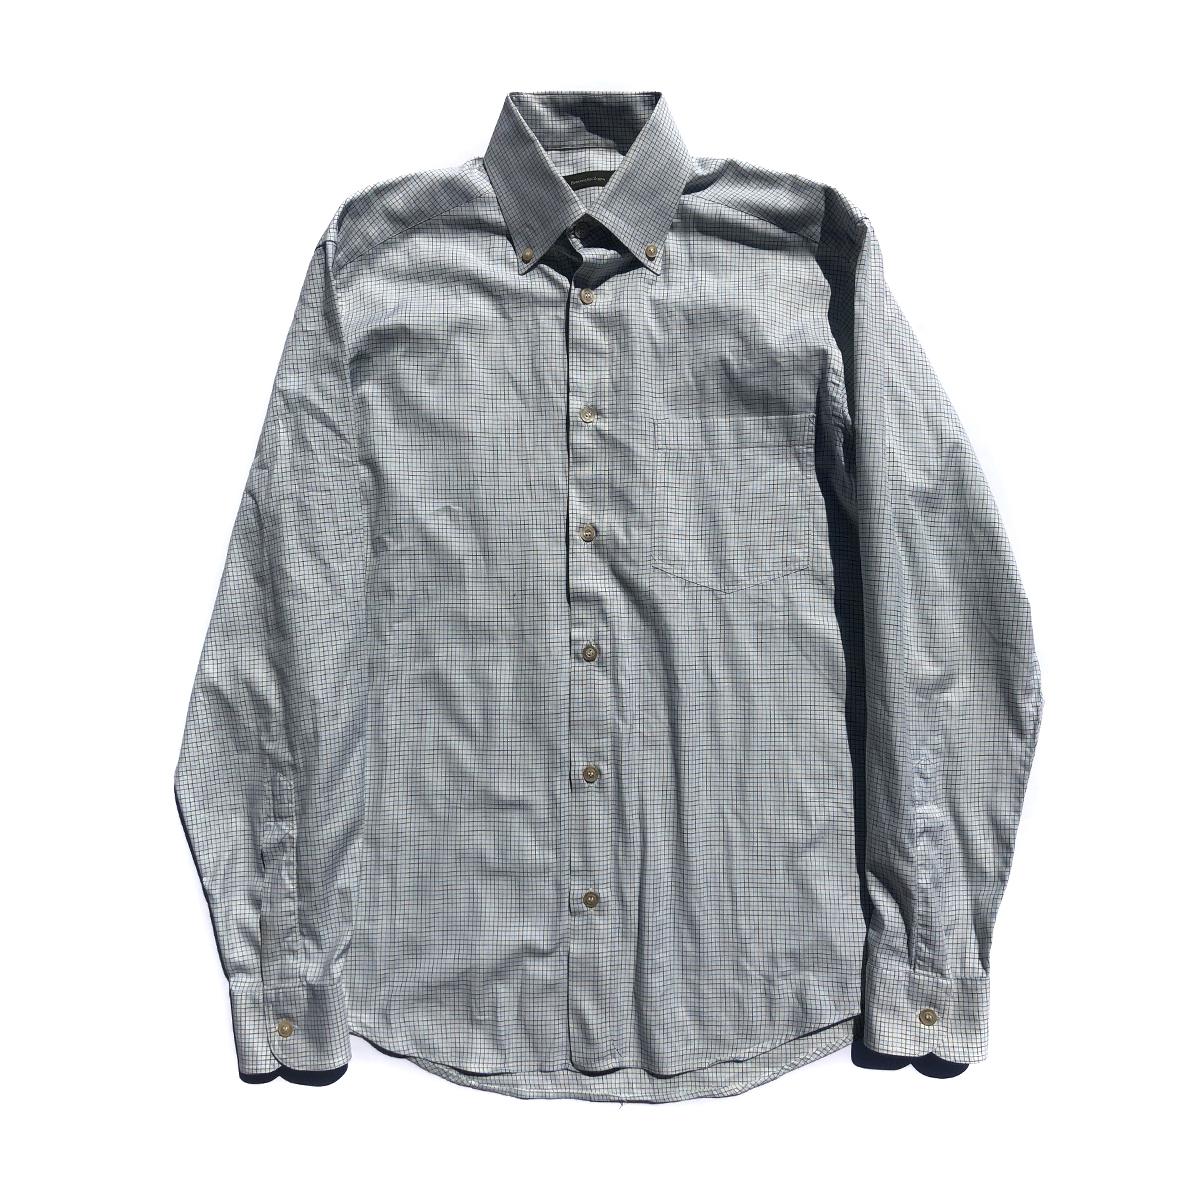 Ermenegildo Zegna Ermenegildo Zegna Mens 100 Cotton White Button